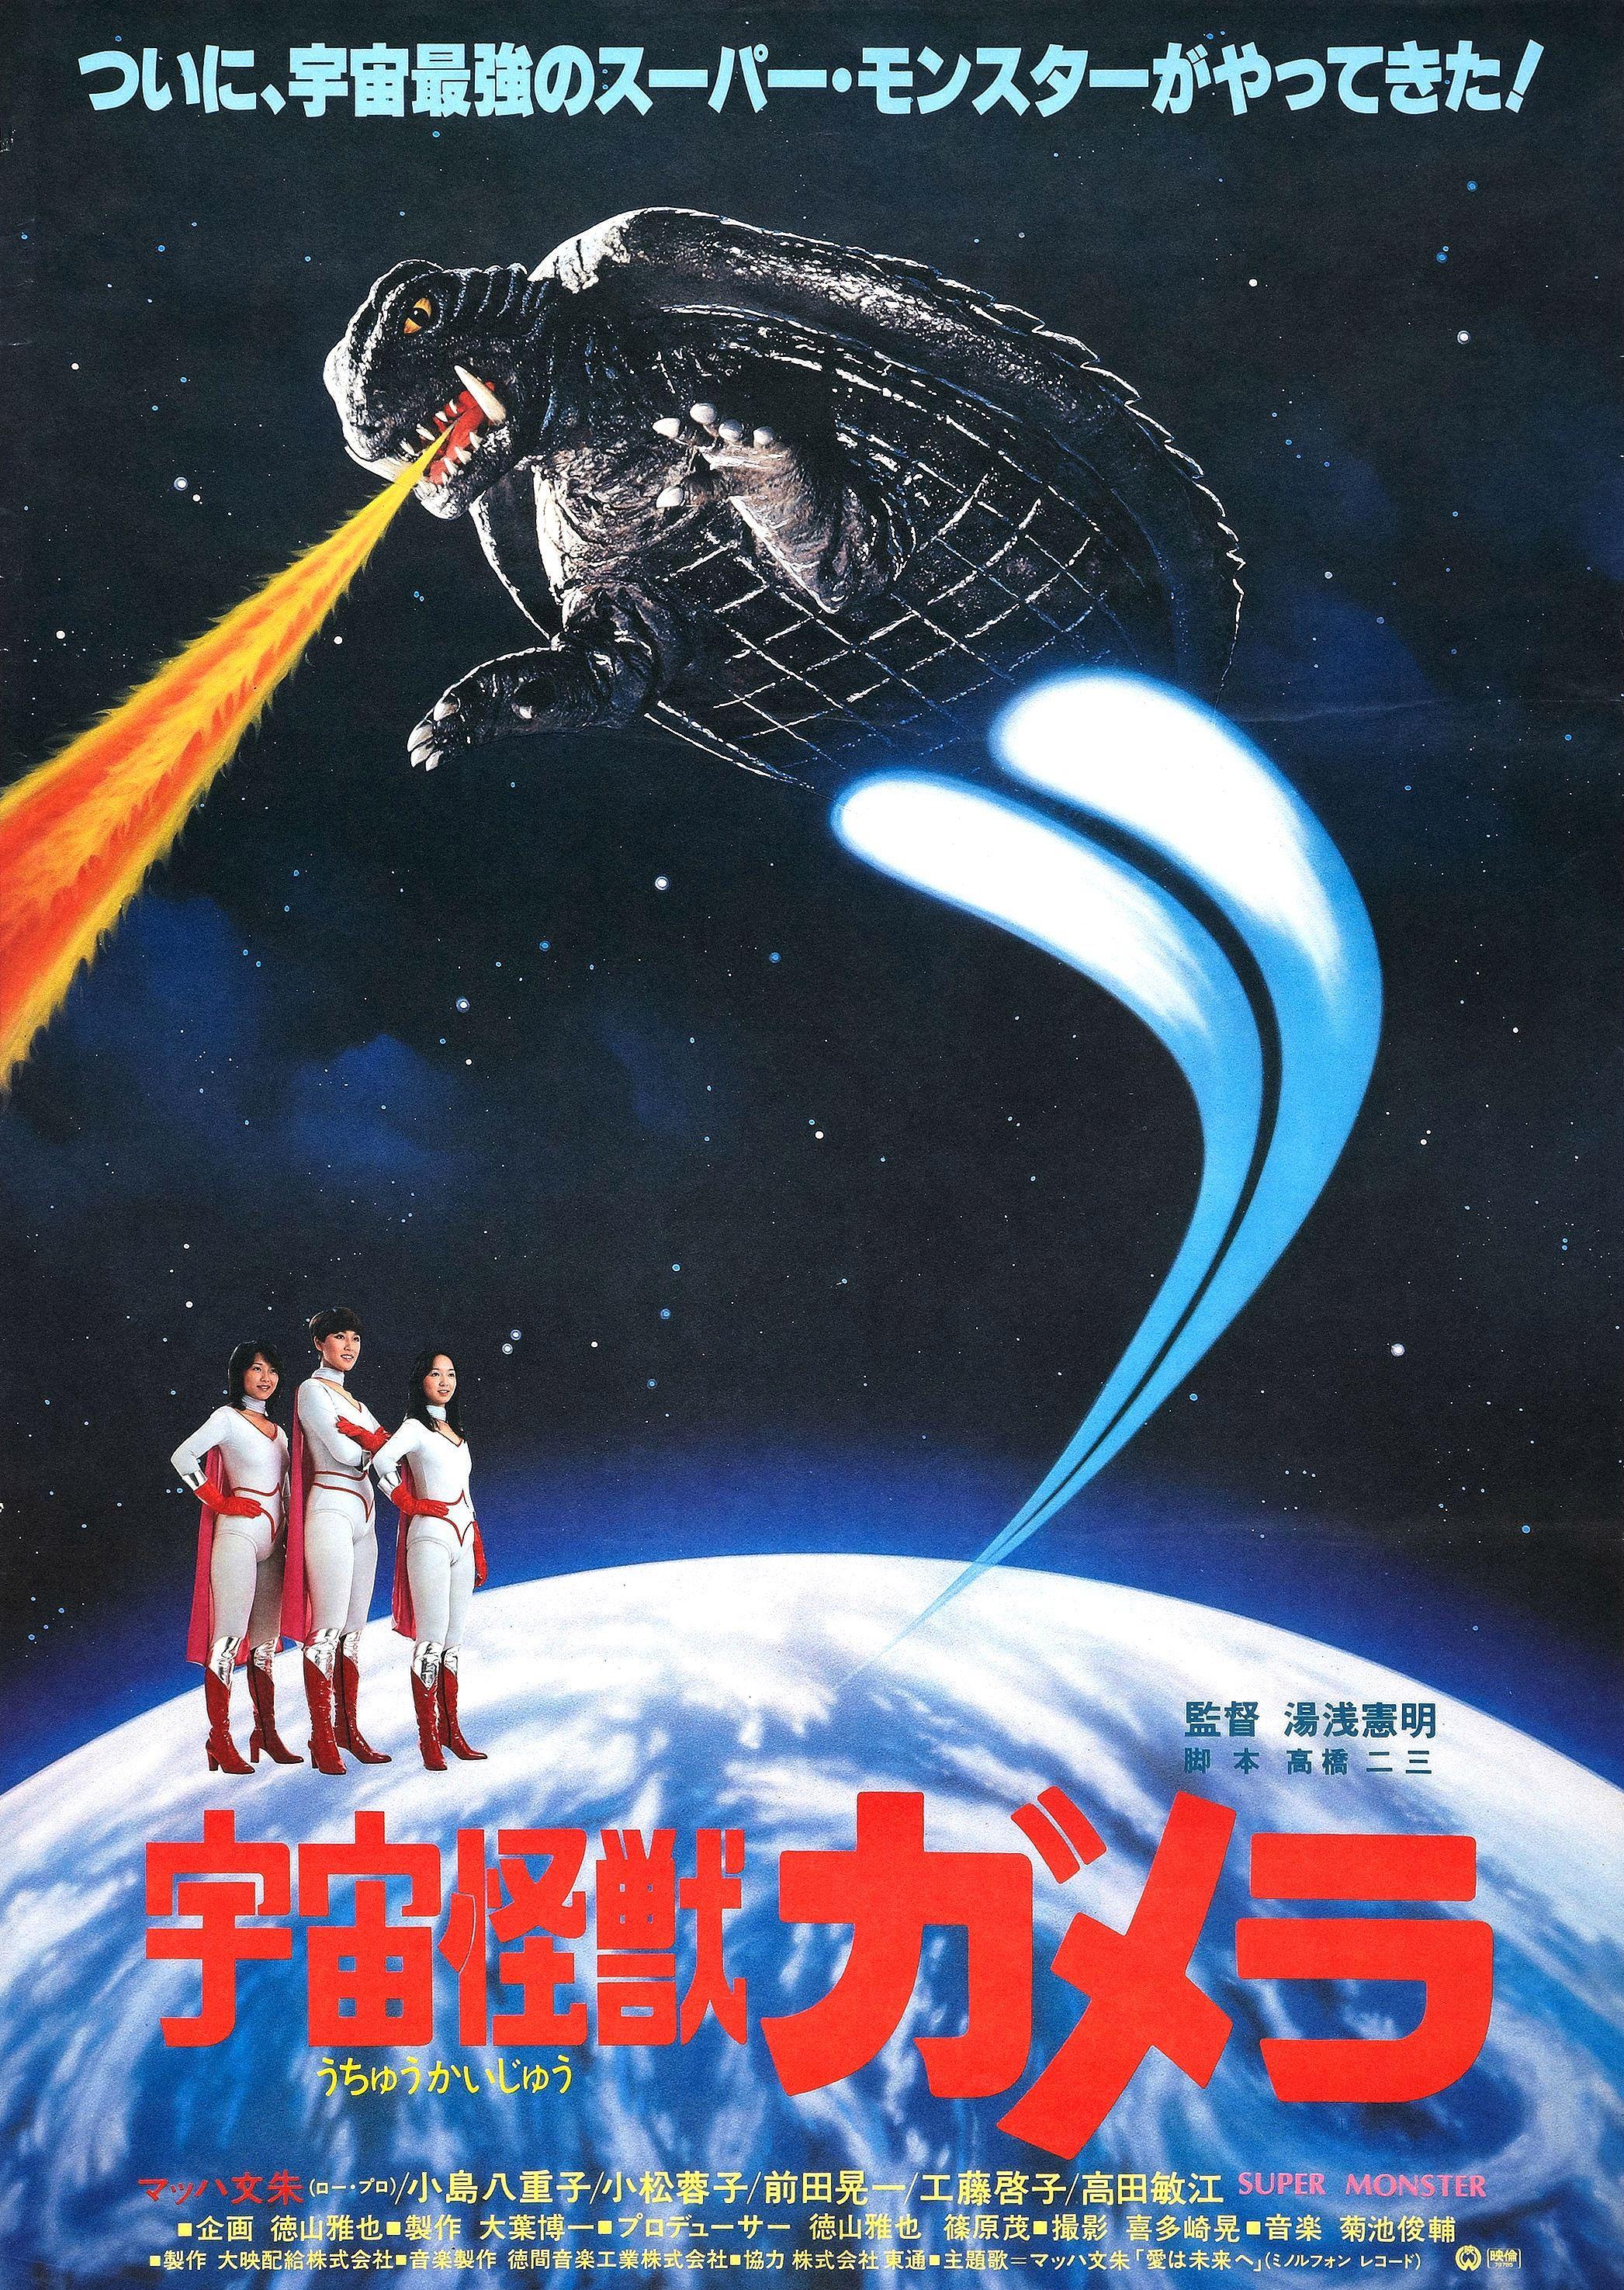 Nooooooooooooooooooo Space Monster Gamera 1980 The Telltale